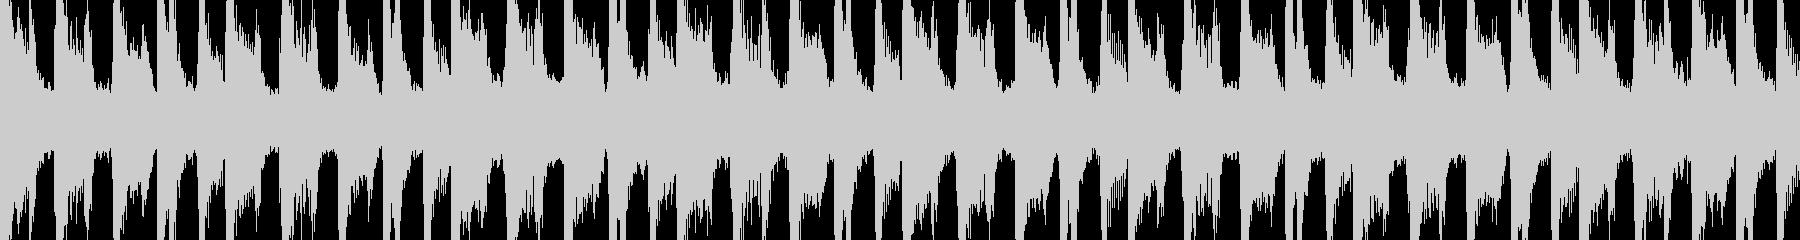 エキゾチックでシンプルなダンスLoopの未再生の波形